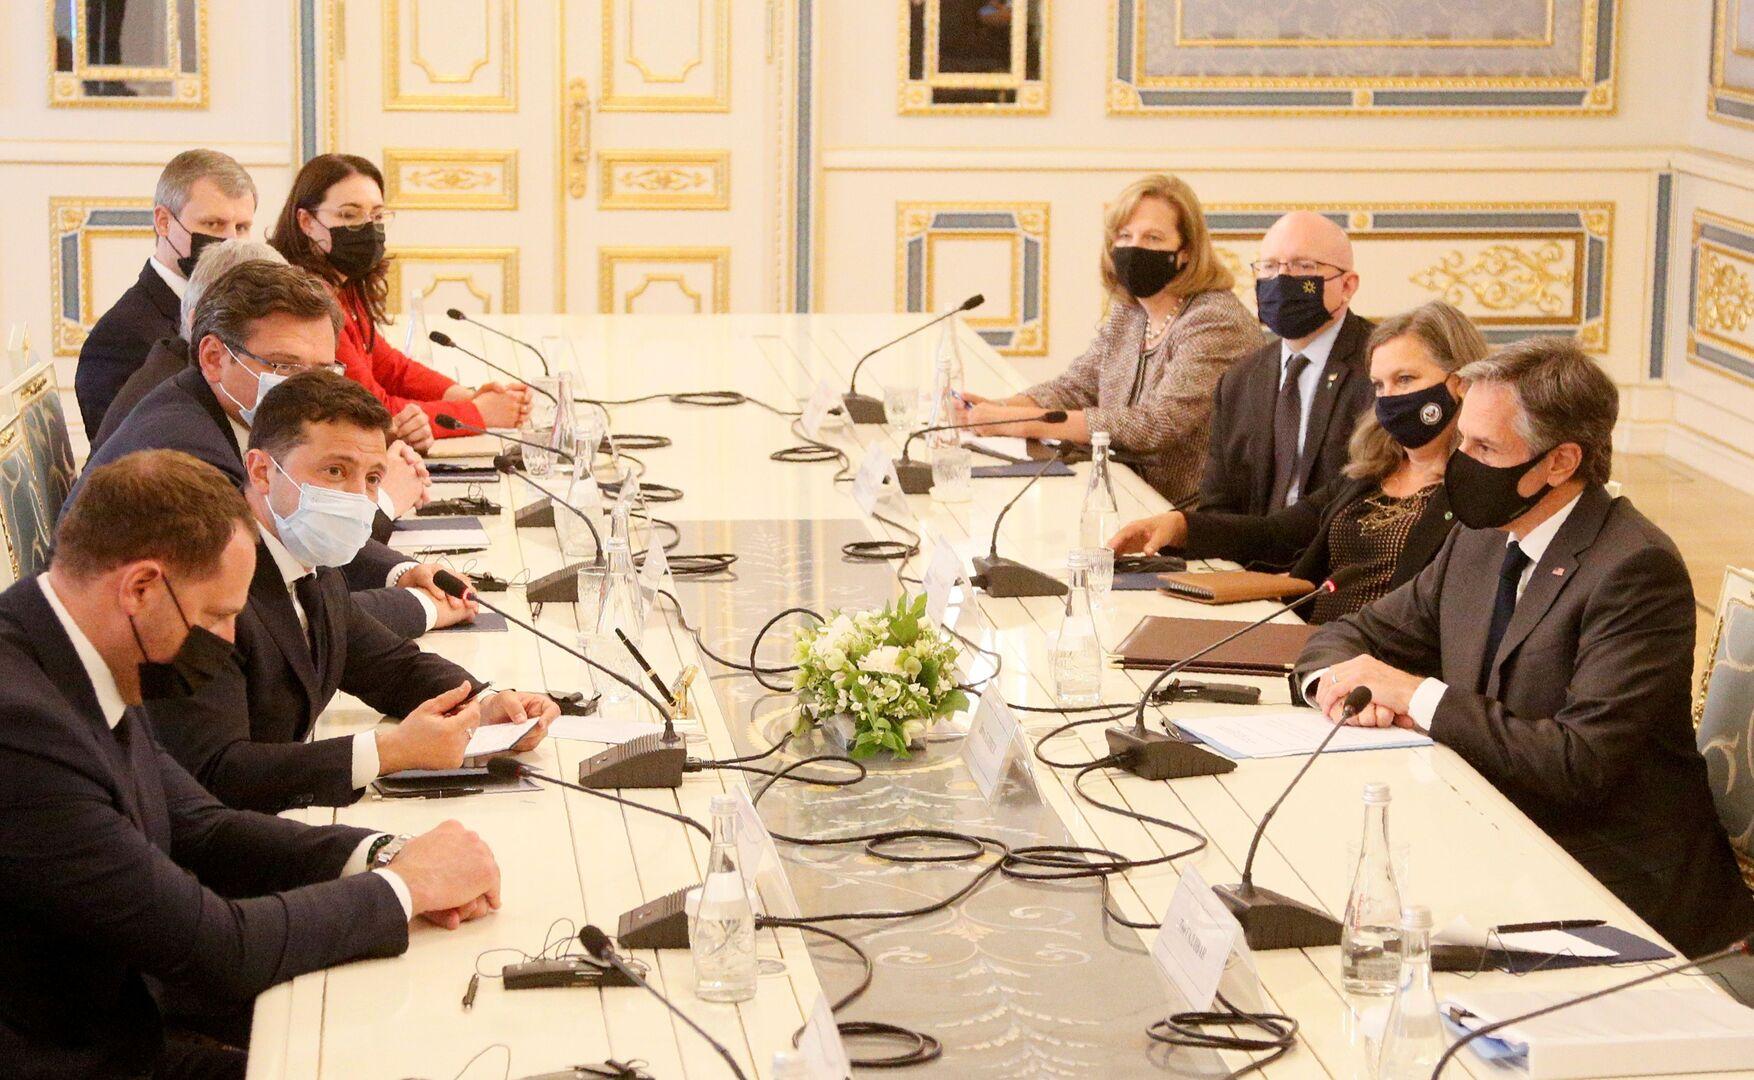 لقاء الرئيس الأوكراني فلاديمير زيلينسكي مع وزير الخارجية الأمريكي أنتوني بلينكن في كييف